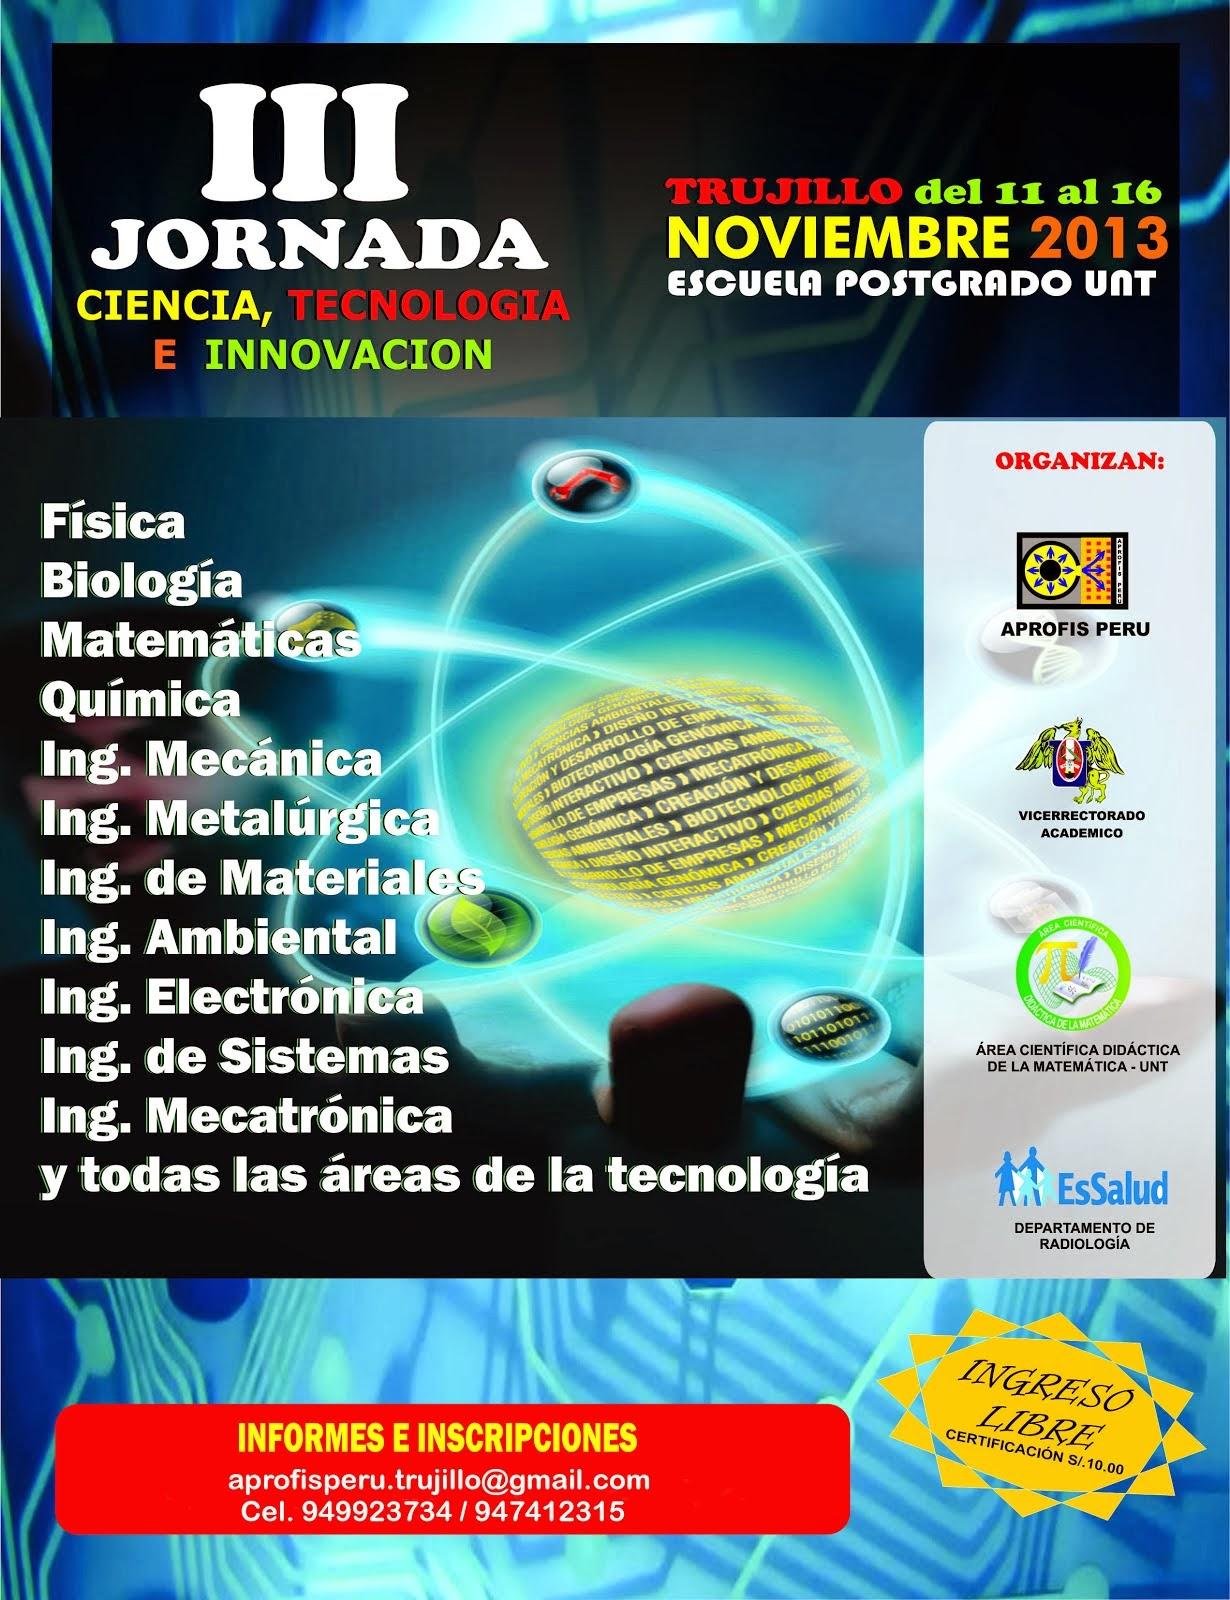 3° JORNADA DE CIENCIA, TECNOLOGÍA E INNOVACIÓN APROFIS PERÚ 2013